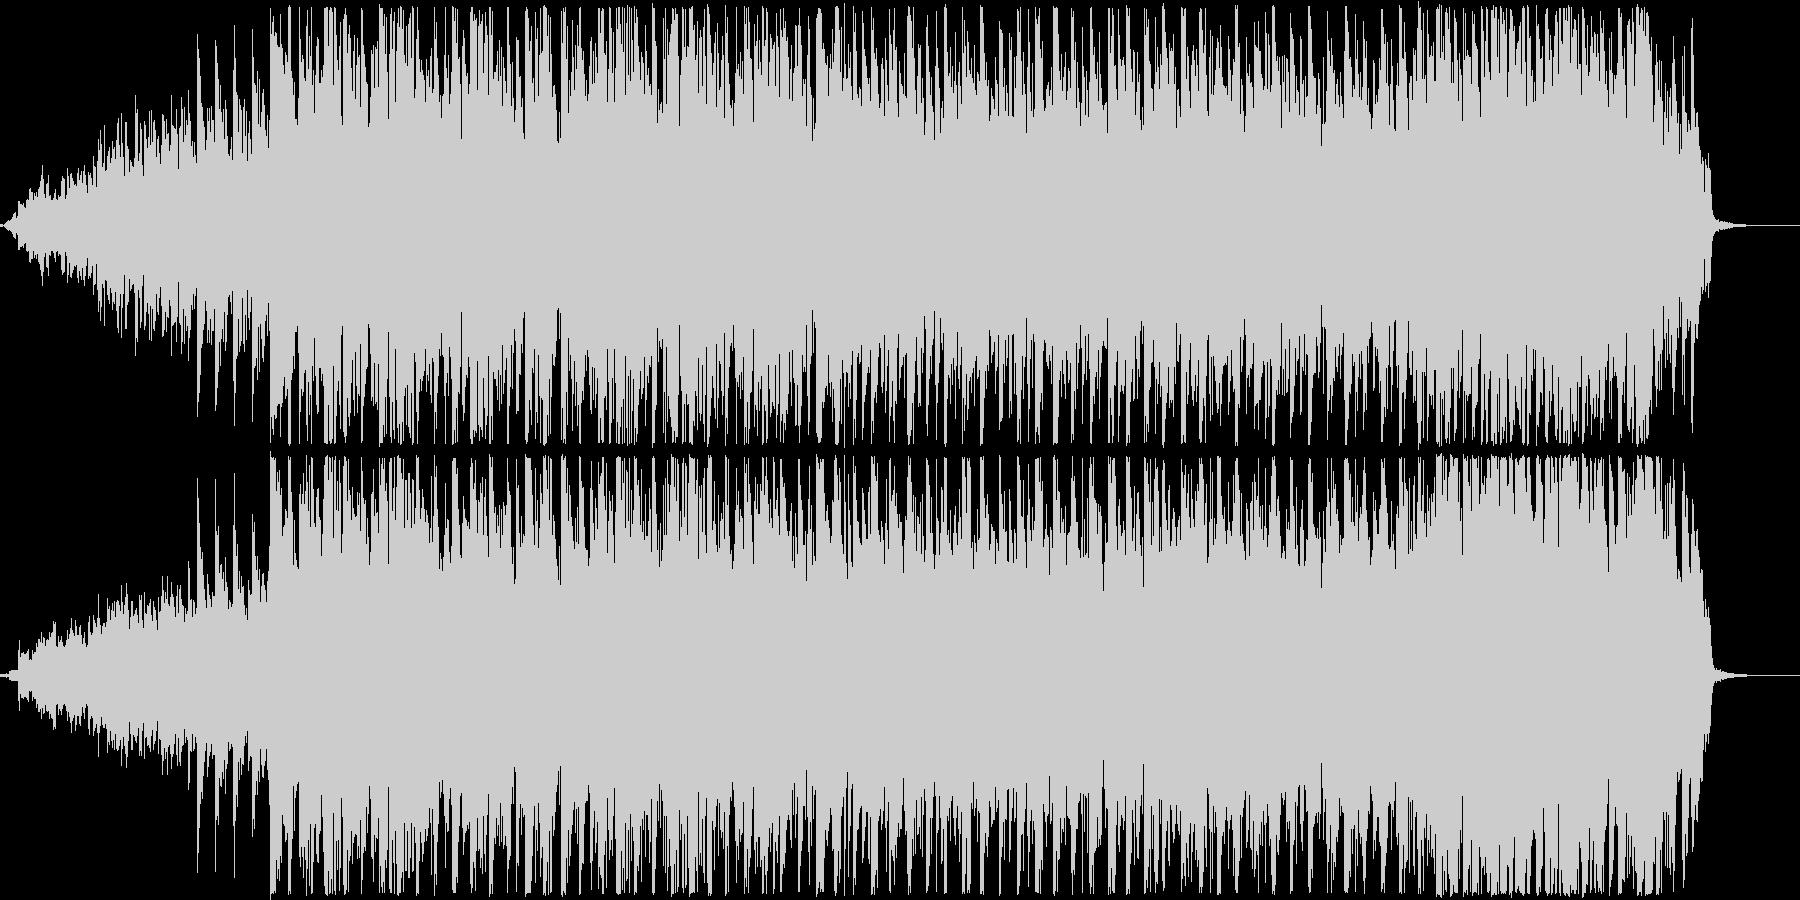 ピアノとギター、口笛を使用したポップな曲の未再生の波形